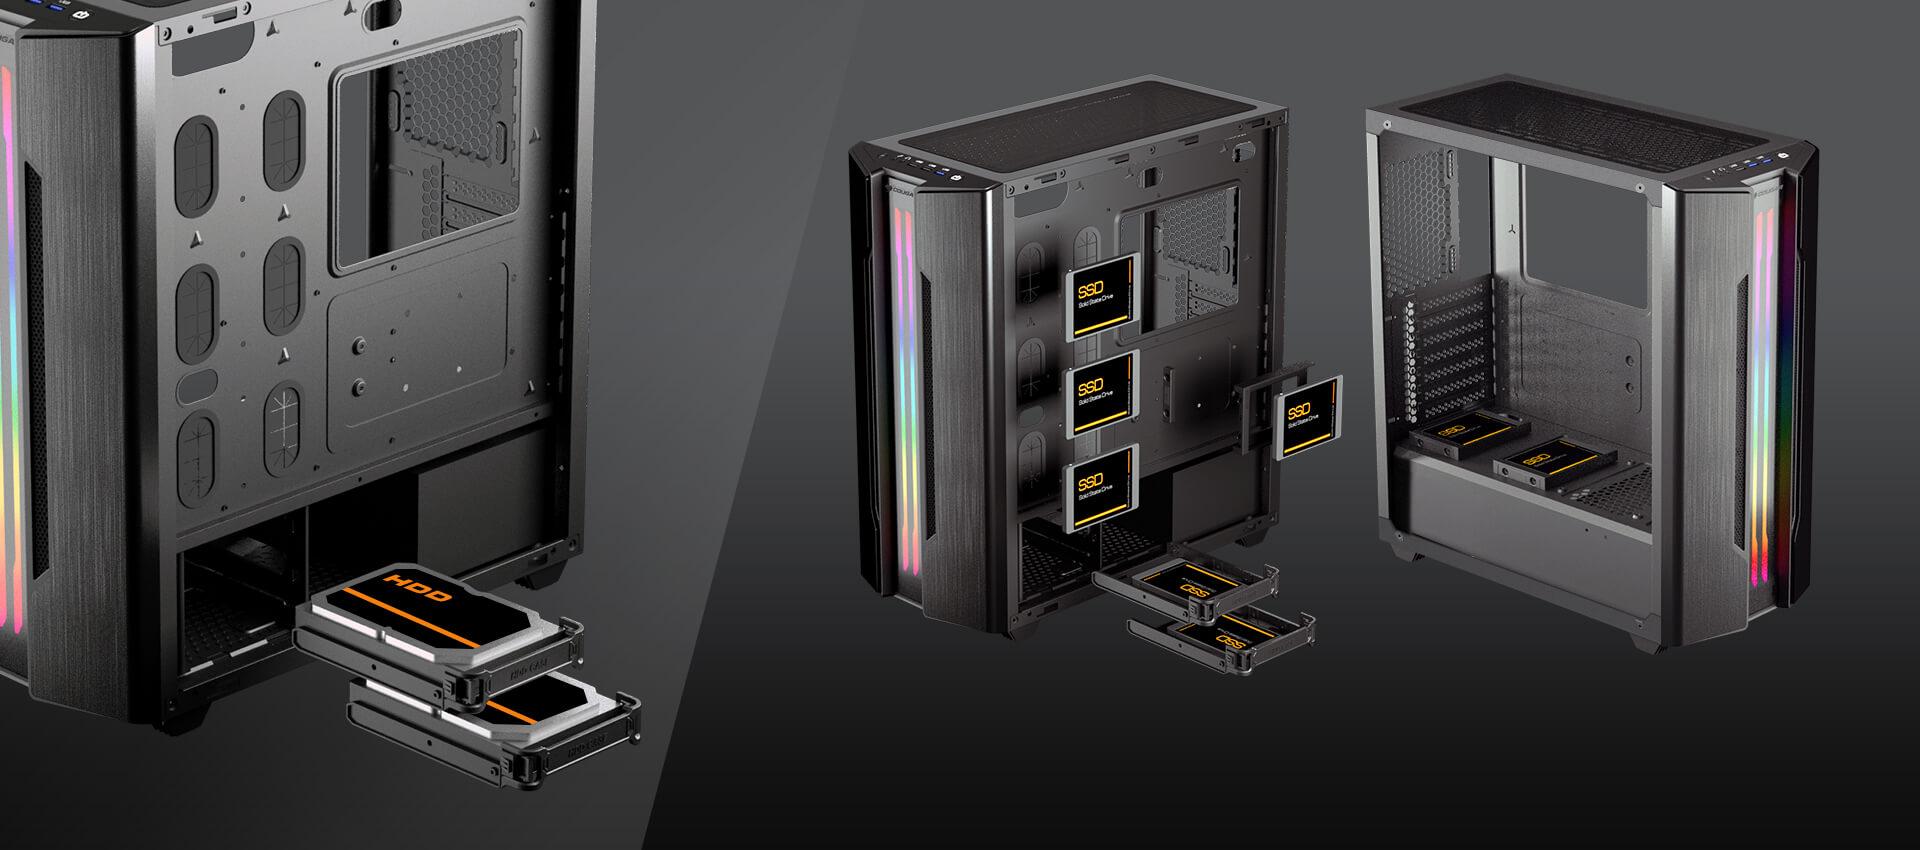 Gabinete Cougar Gemini S Silver - Vidrio templado Mini ITX / Micro ATX / ATX 3 385BMB0.0002